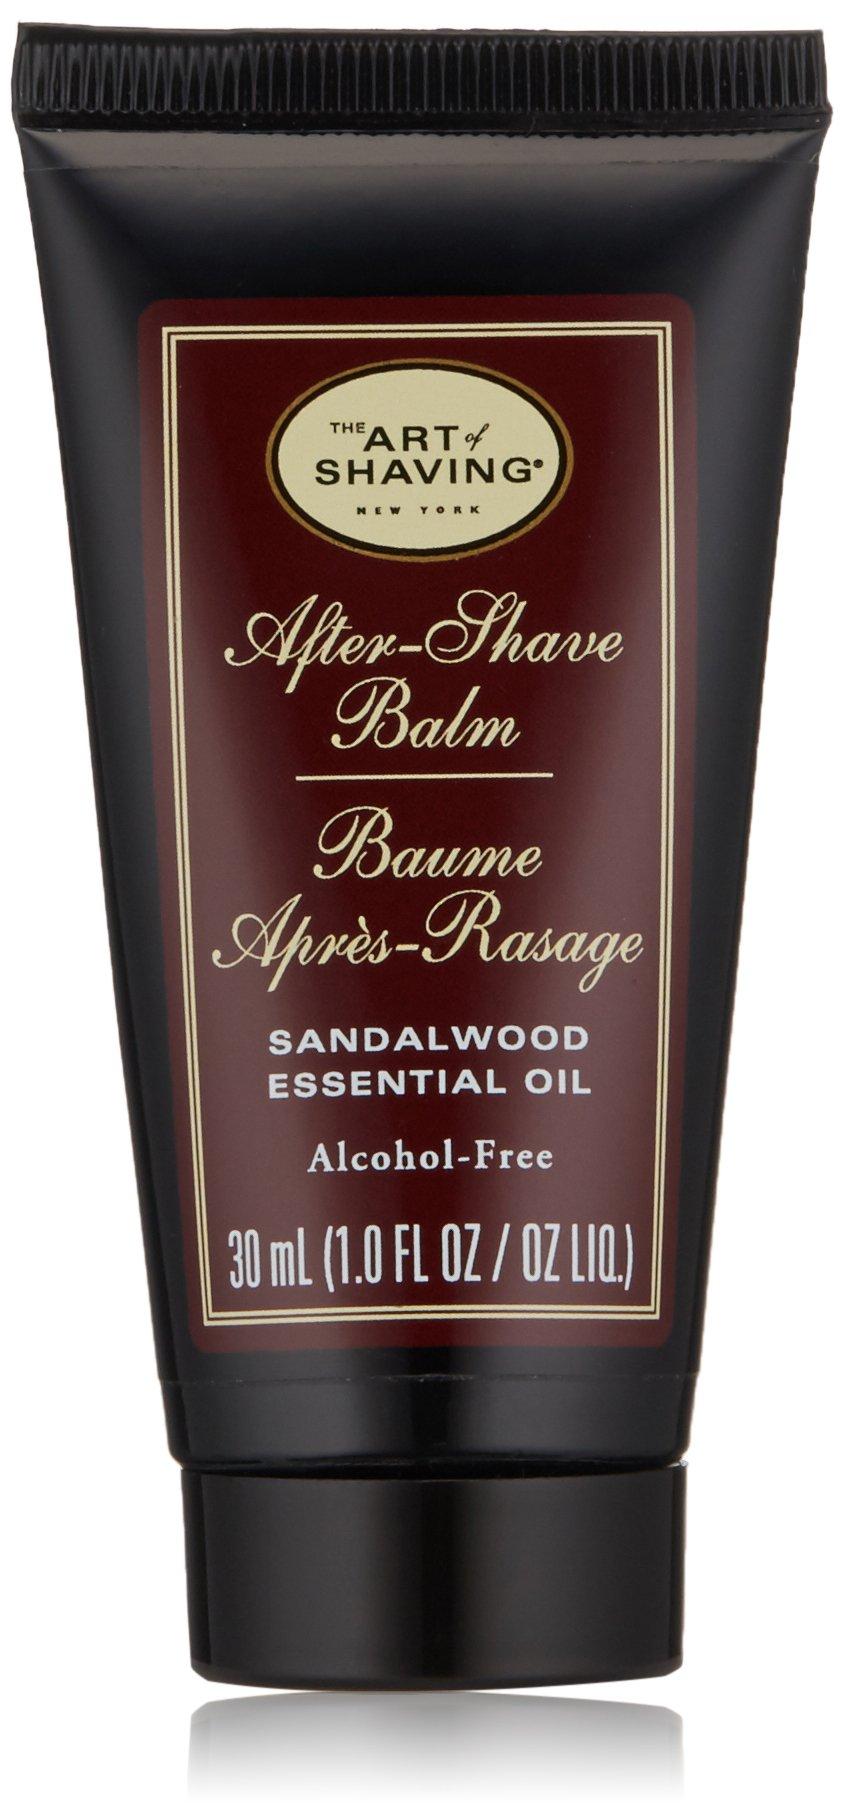 The Art of Shaving After-Shave Balm, Sandalwood, 1 oz